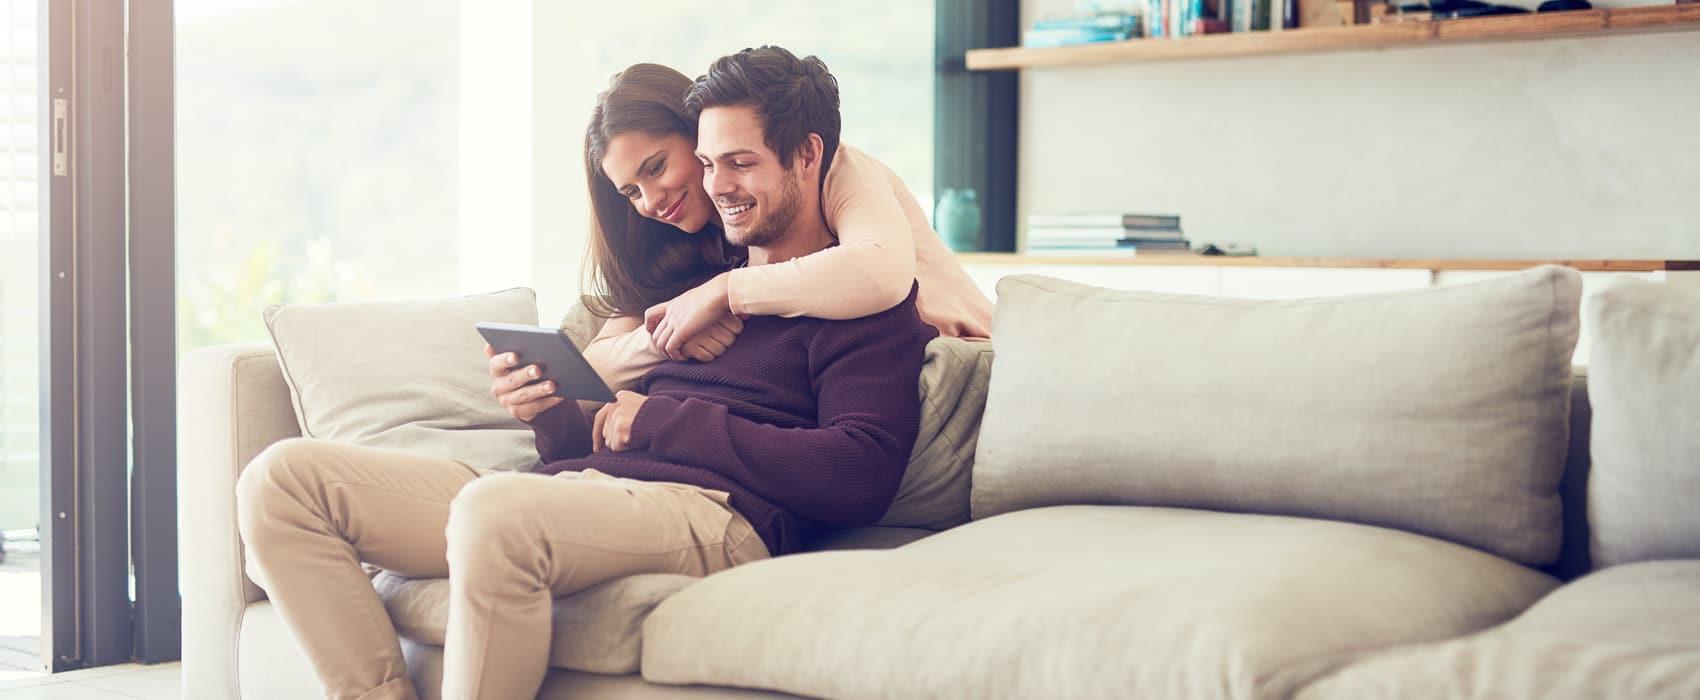 Junges Paar sitzt zuhause auf dem Sofa und schaut in ein iPad.